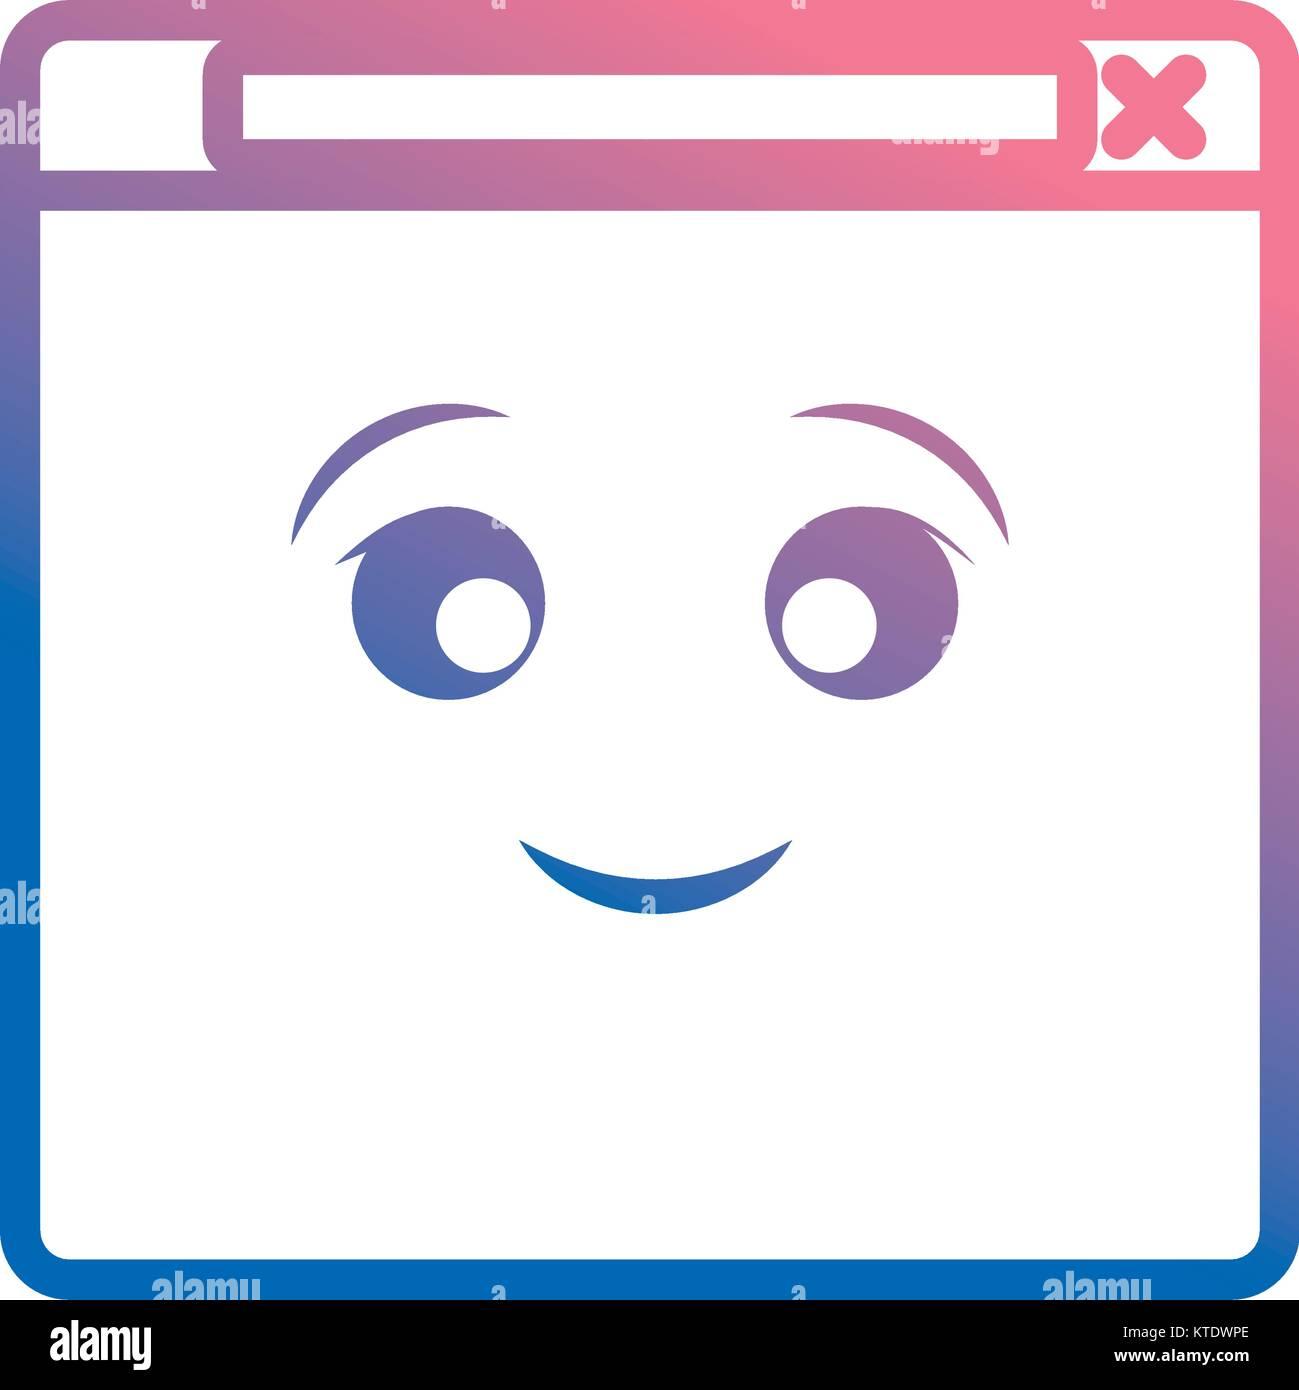 kawaii web page icon - Stock Image